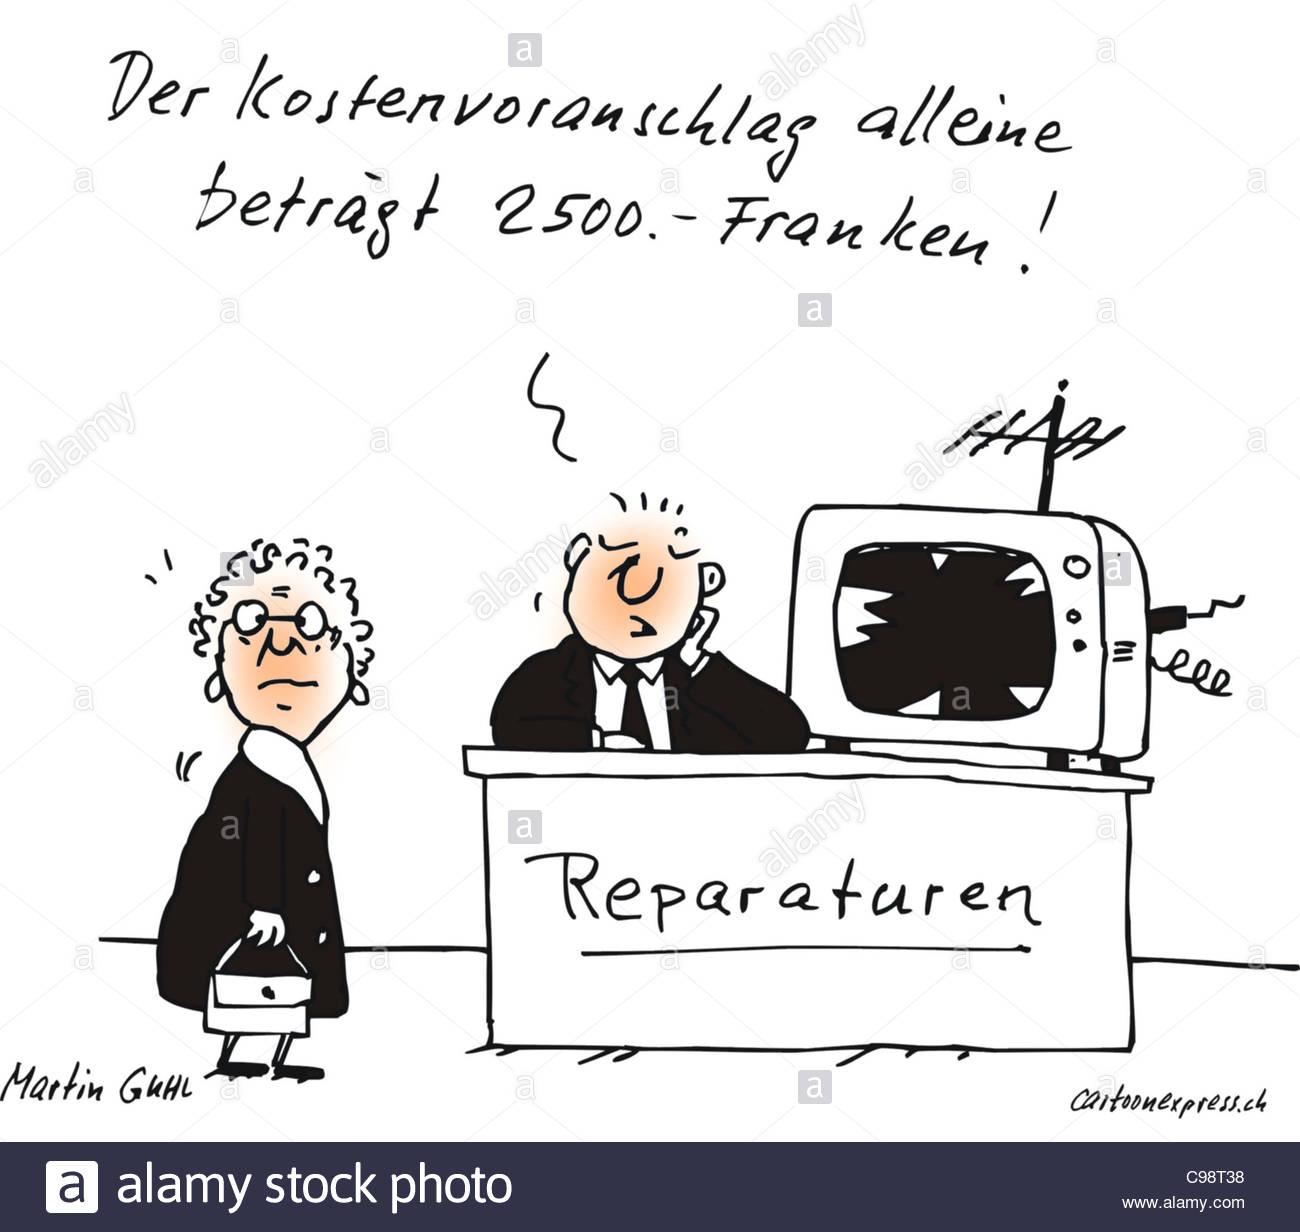 Niedlich Reparatur Zitat Bilder - Bilder für das Lebenslauf ...